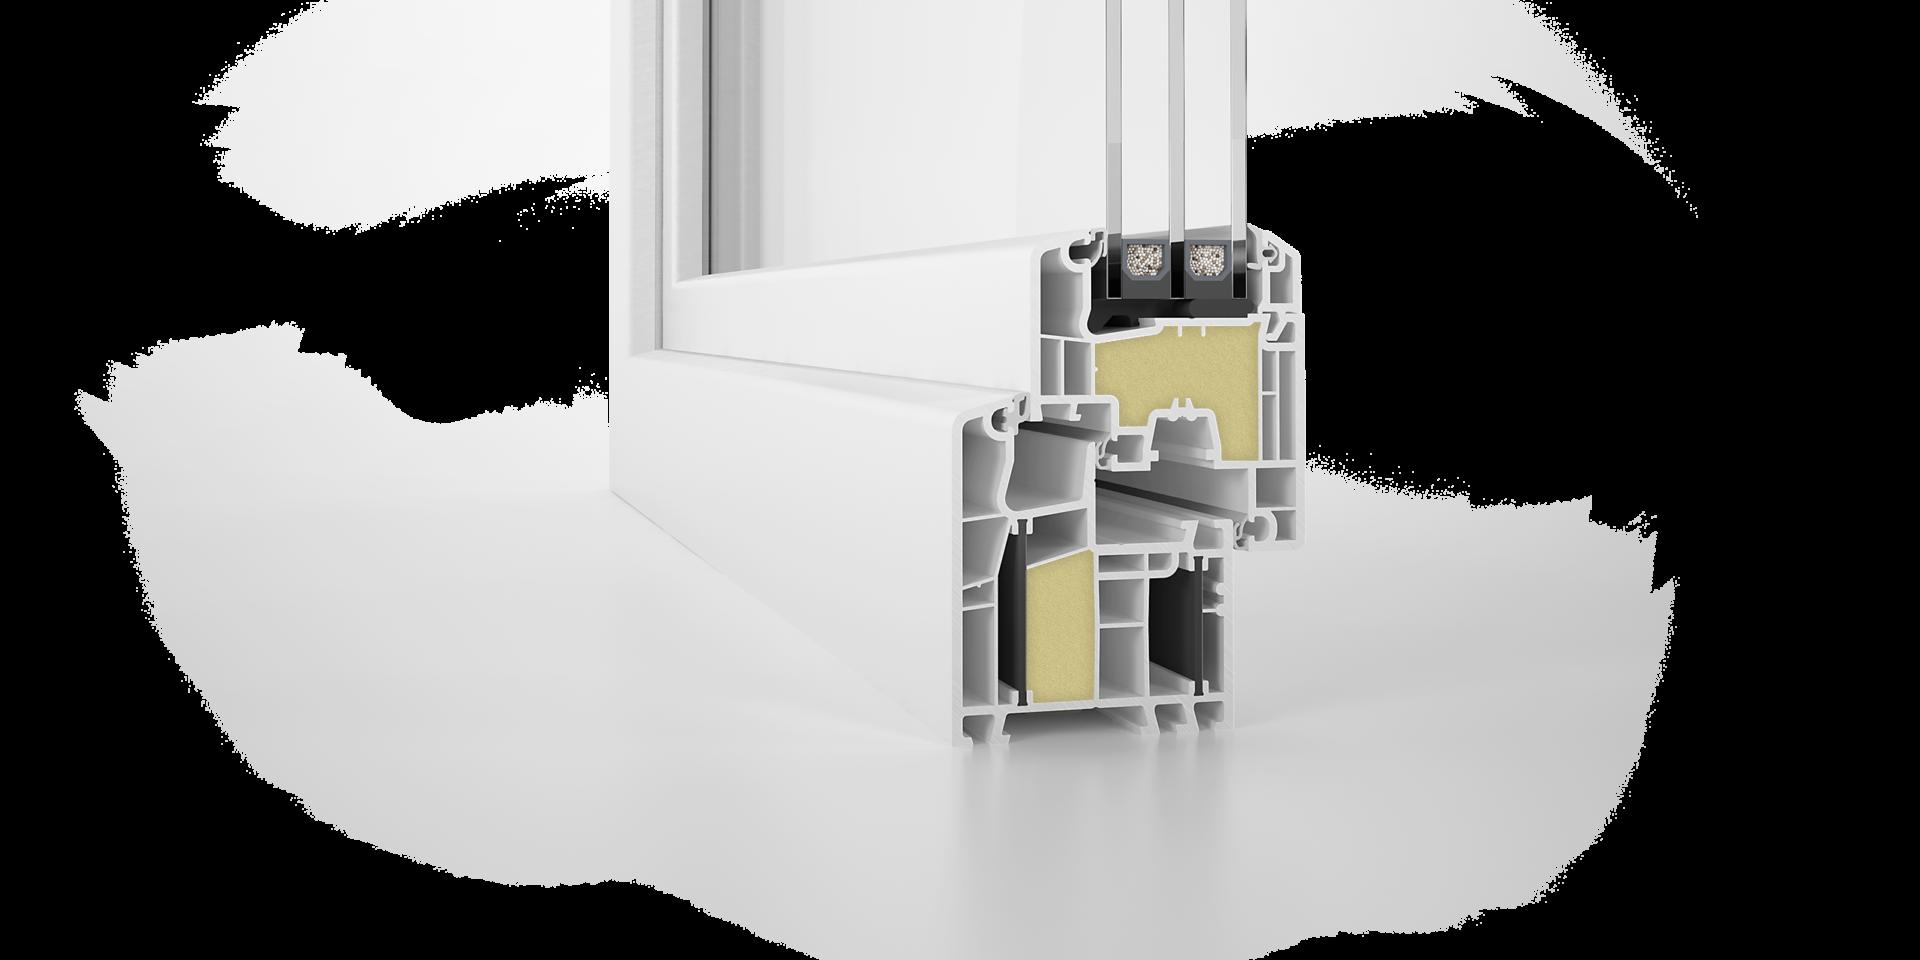 Full Size of Aluplast Fenster Forum Aus Polen Testbericht Test Erfahrungen Online Kaufen Erfahrungsberichte Meinungen Einstellen Technologien Fr Mehr Lebensqualitt Fenster Aluplast Fenster